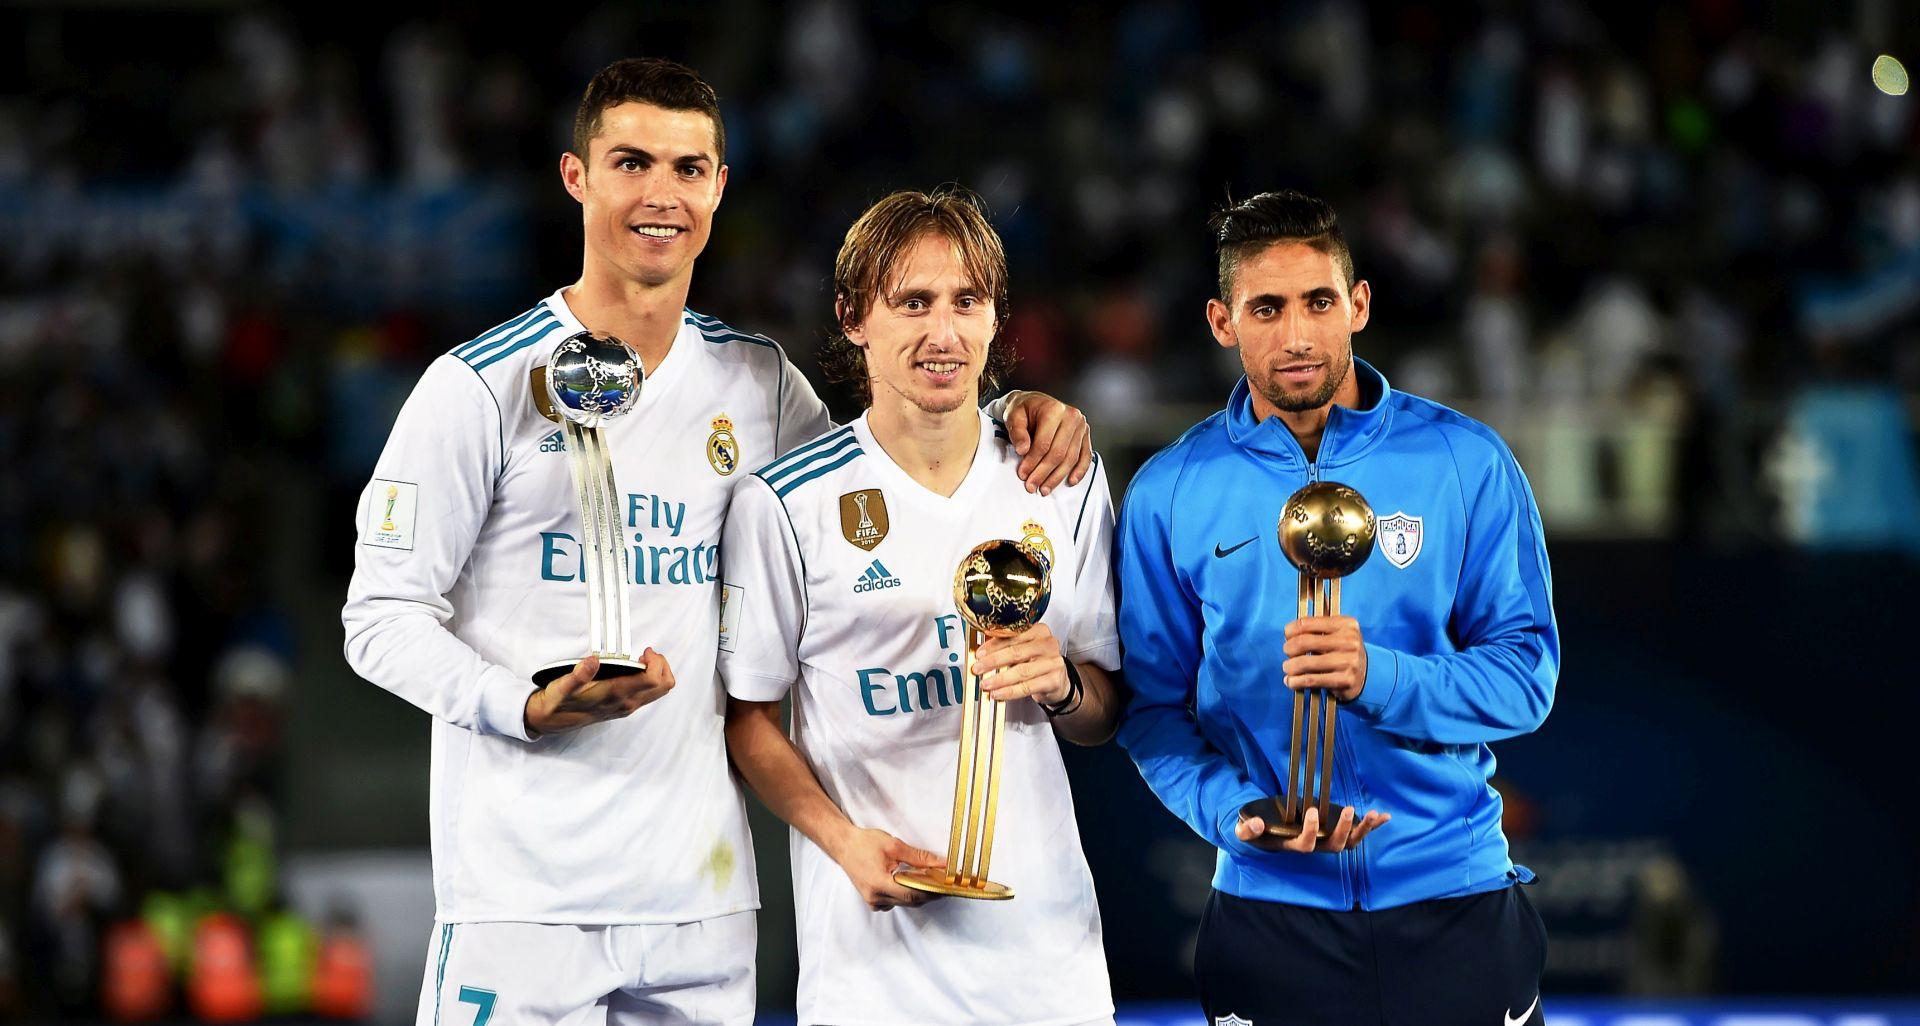 ZASLUŽENO Luka Modrić izabran za najboljeg igrača svjetskog klupskog prvenstva